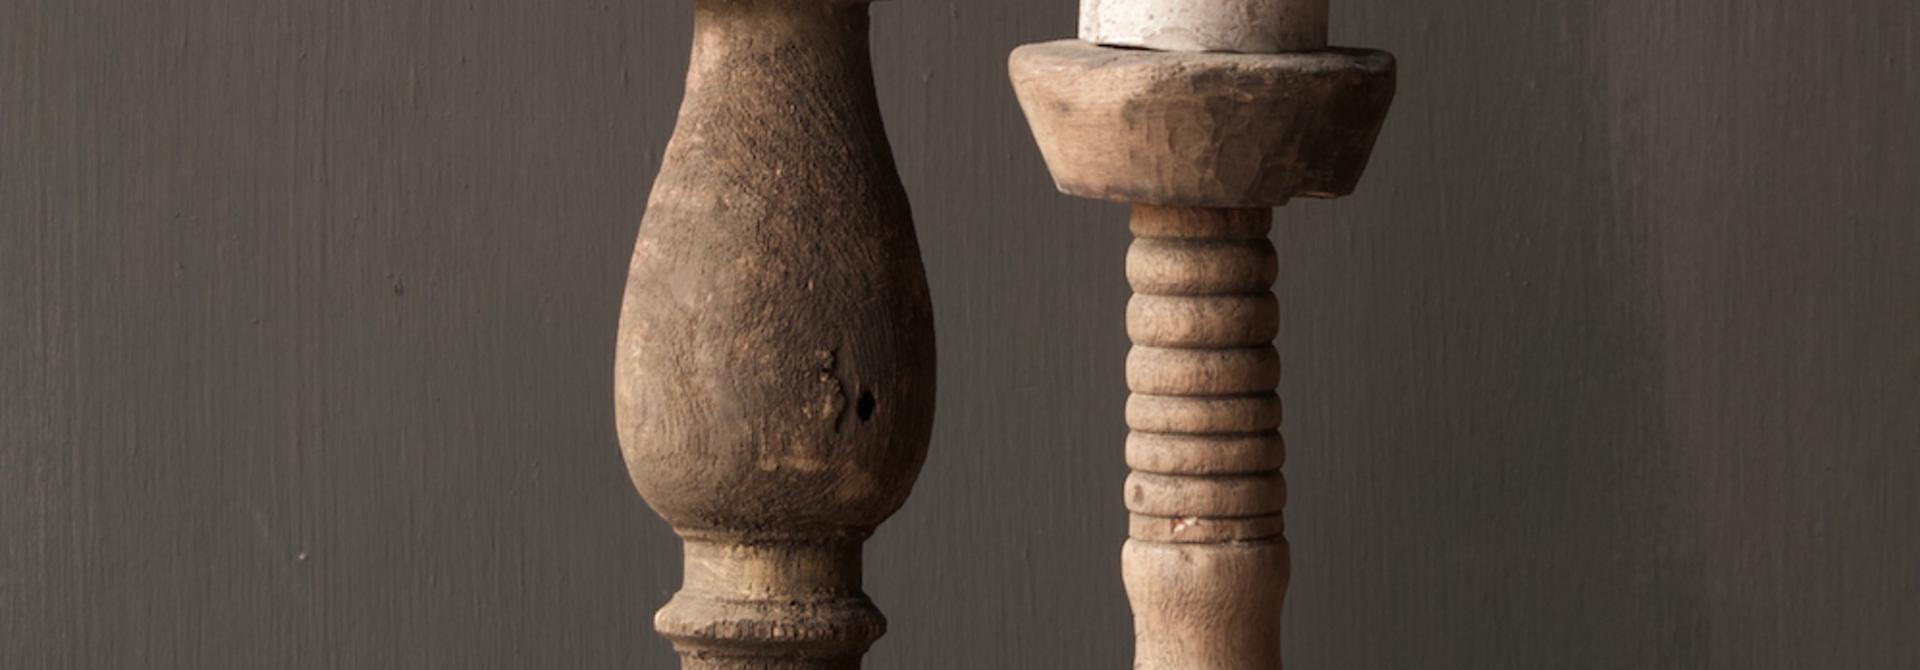 Stoer oud Houten  kandelaar